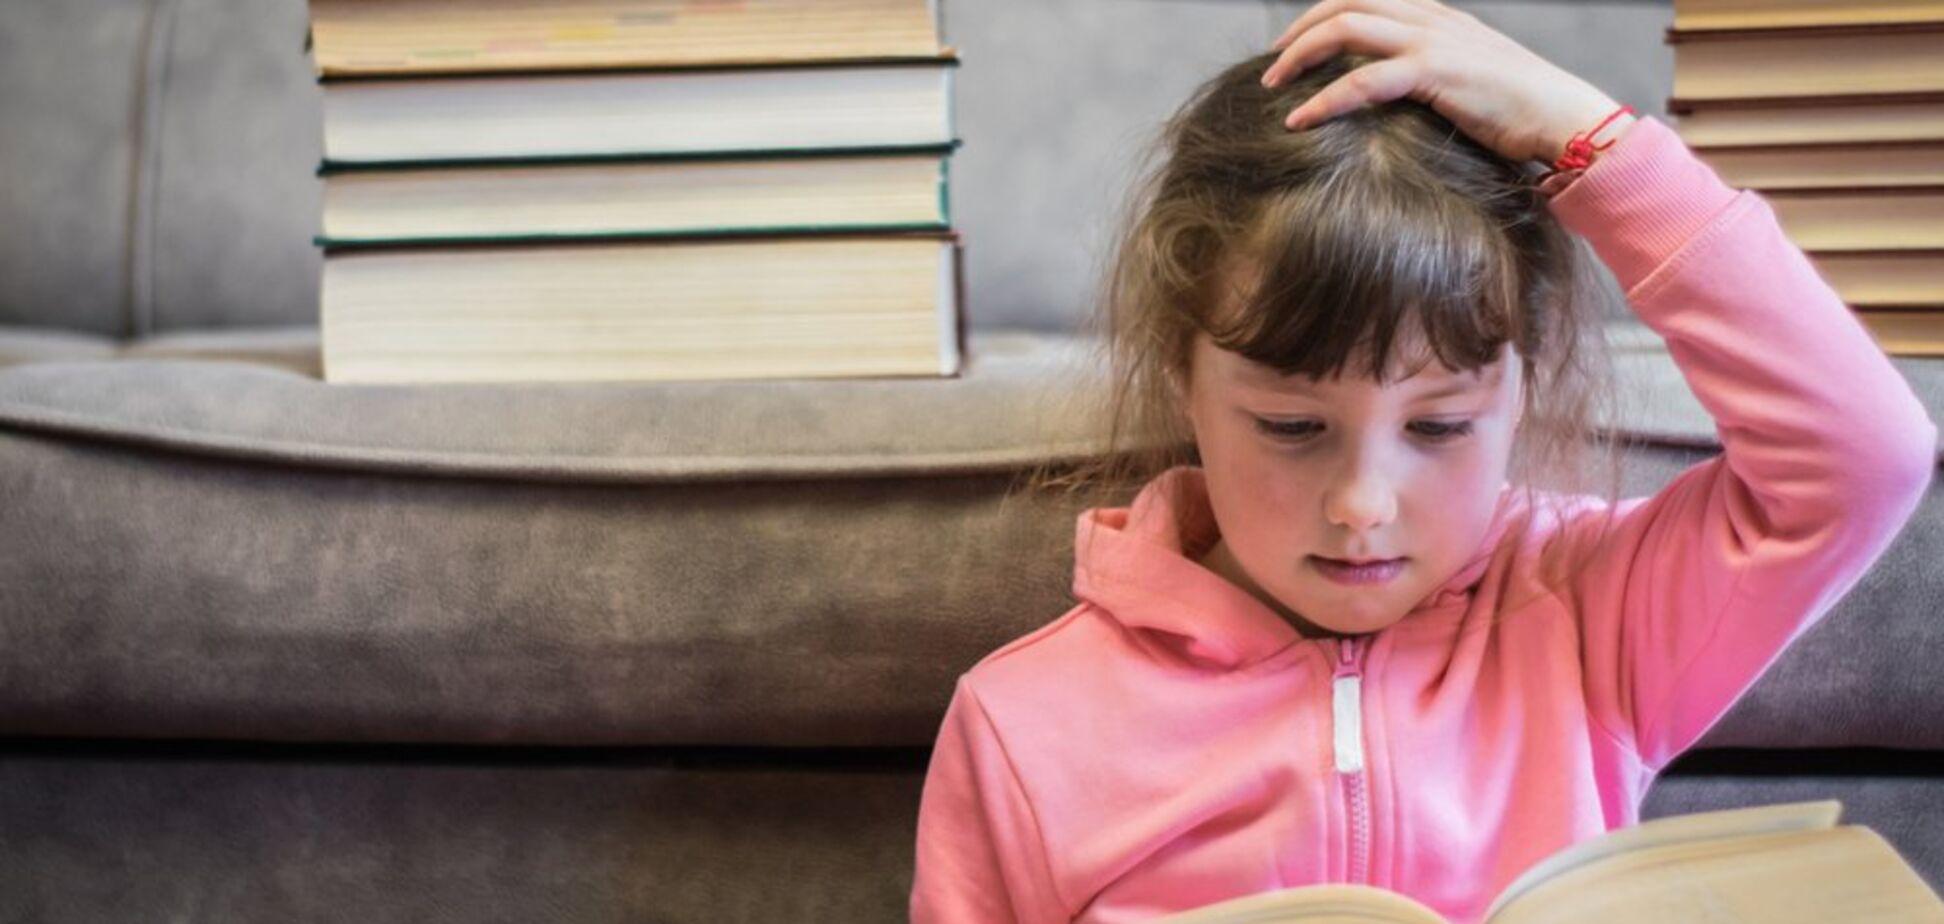 Услід за Новосад: в Україні батьки розкритикували літературу страждань для школярів